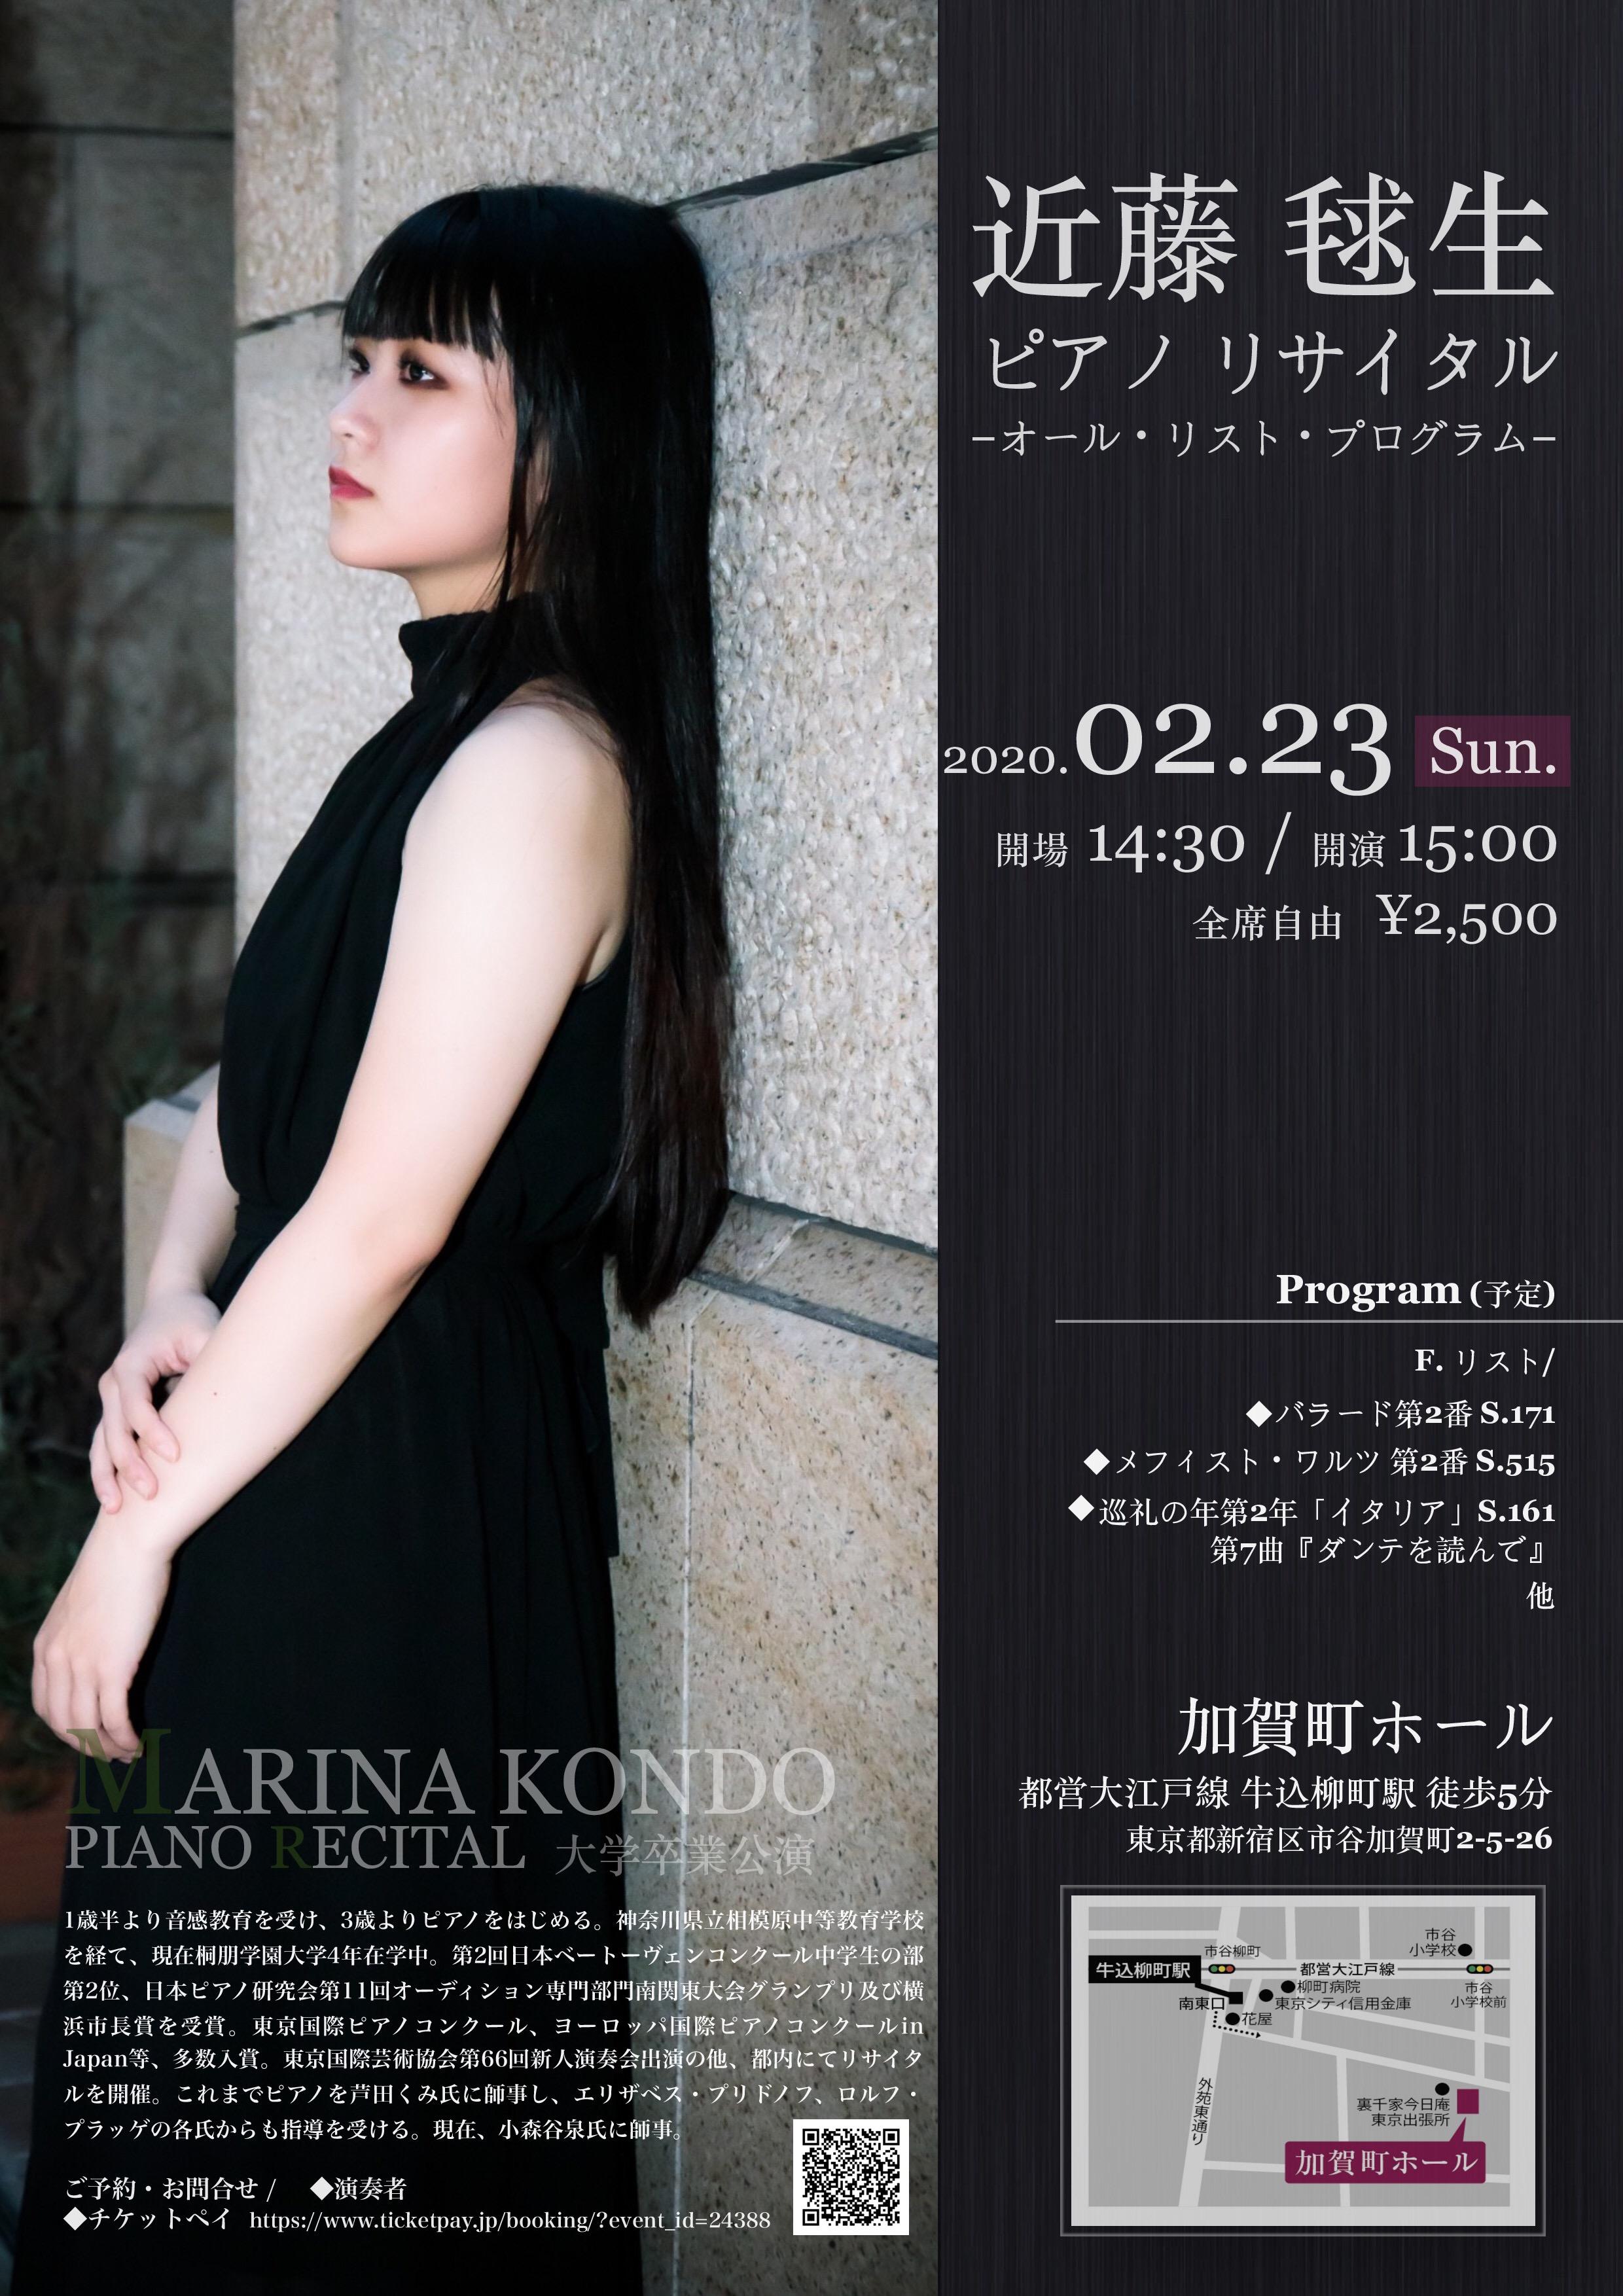 近藤毬生 ピアノリサイタル -オール・リスト・プログラム- 大学卒業公演